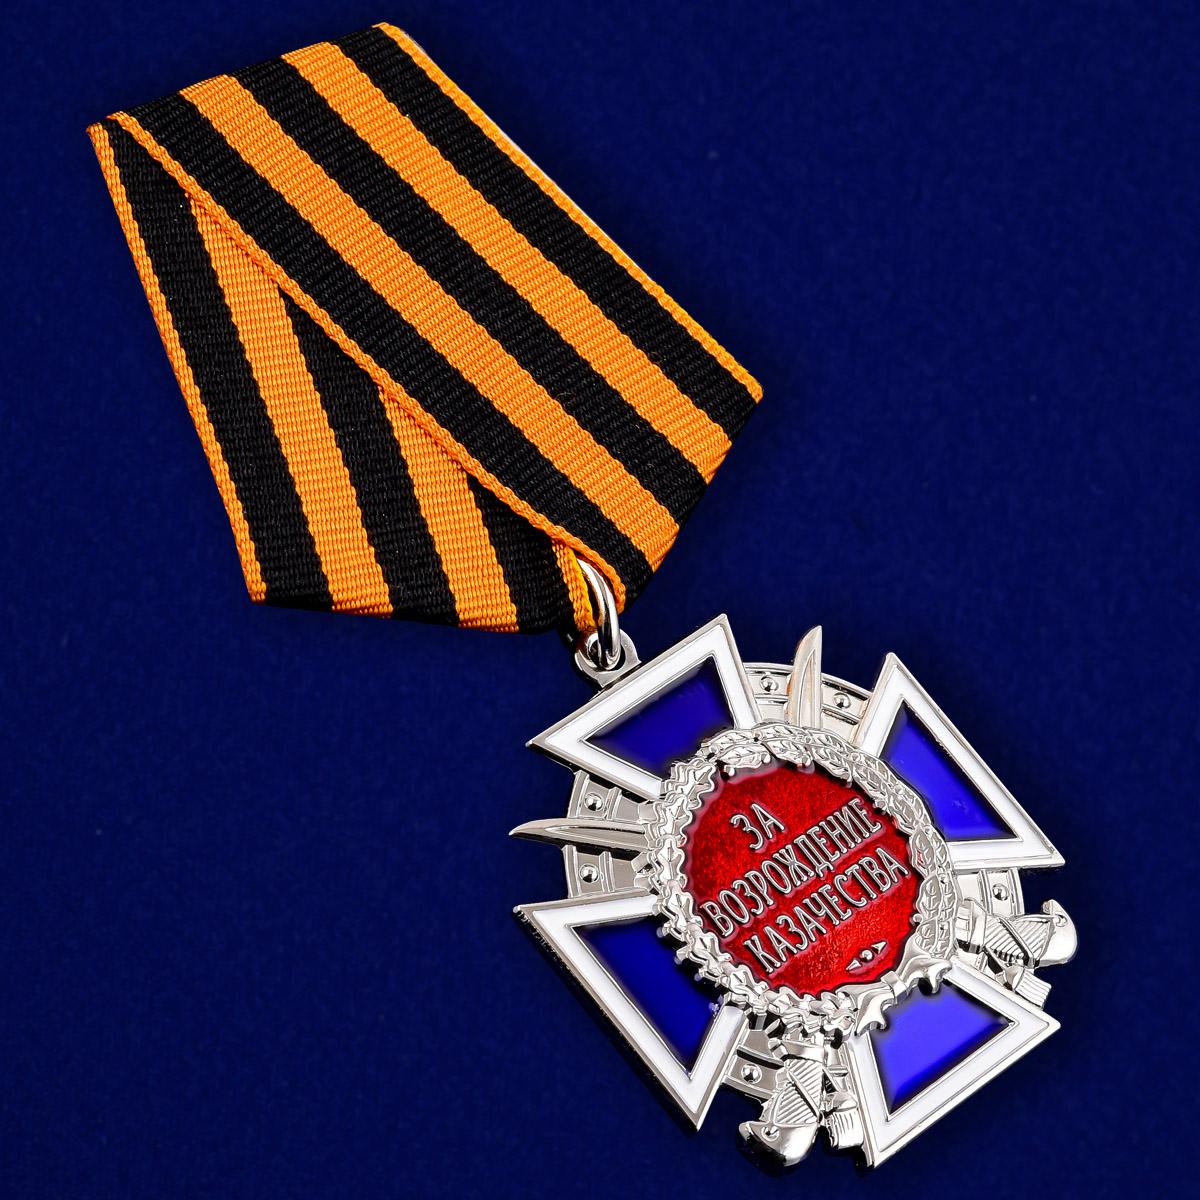 """Купить медаль """"За возрождение казачества"""" 2 степени"""